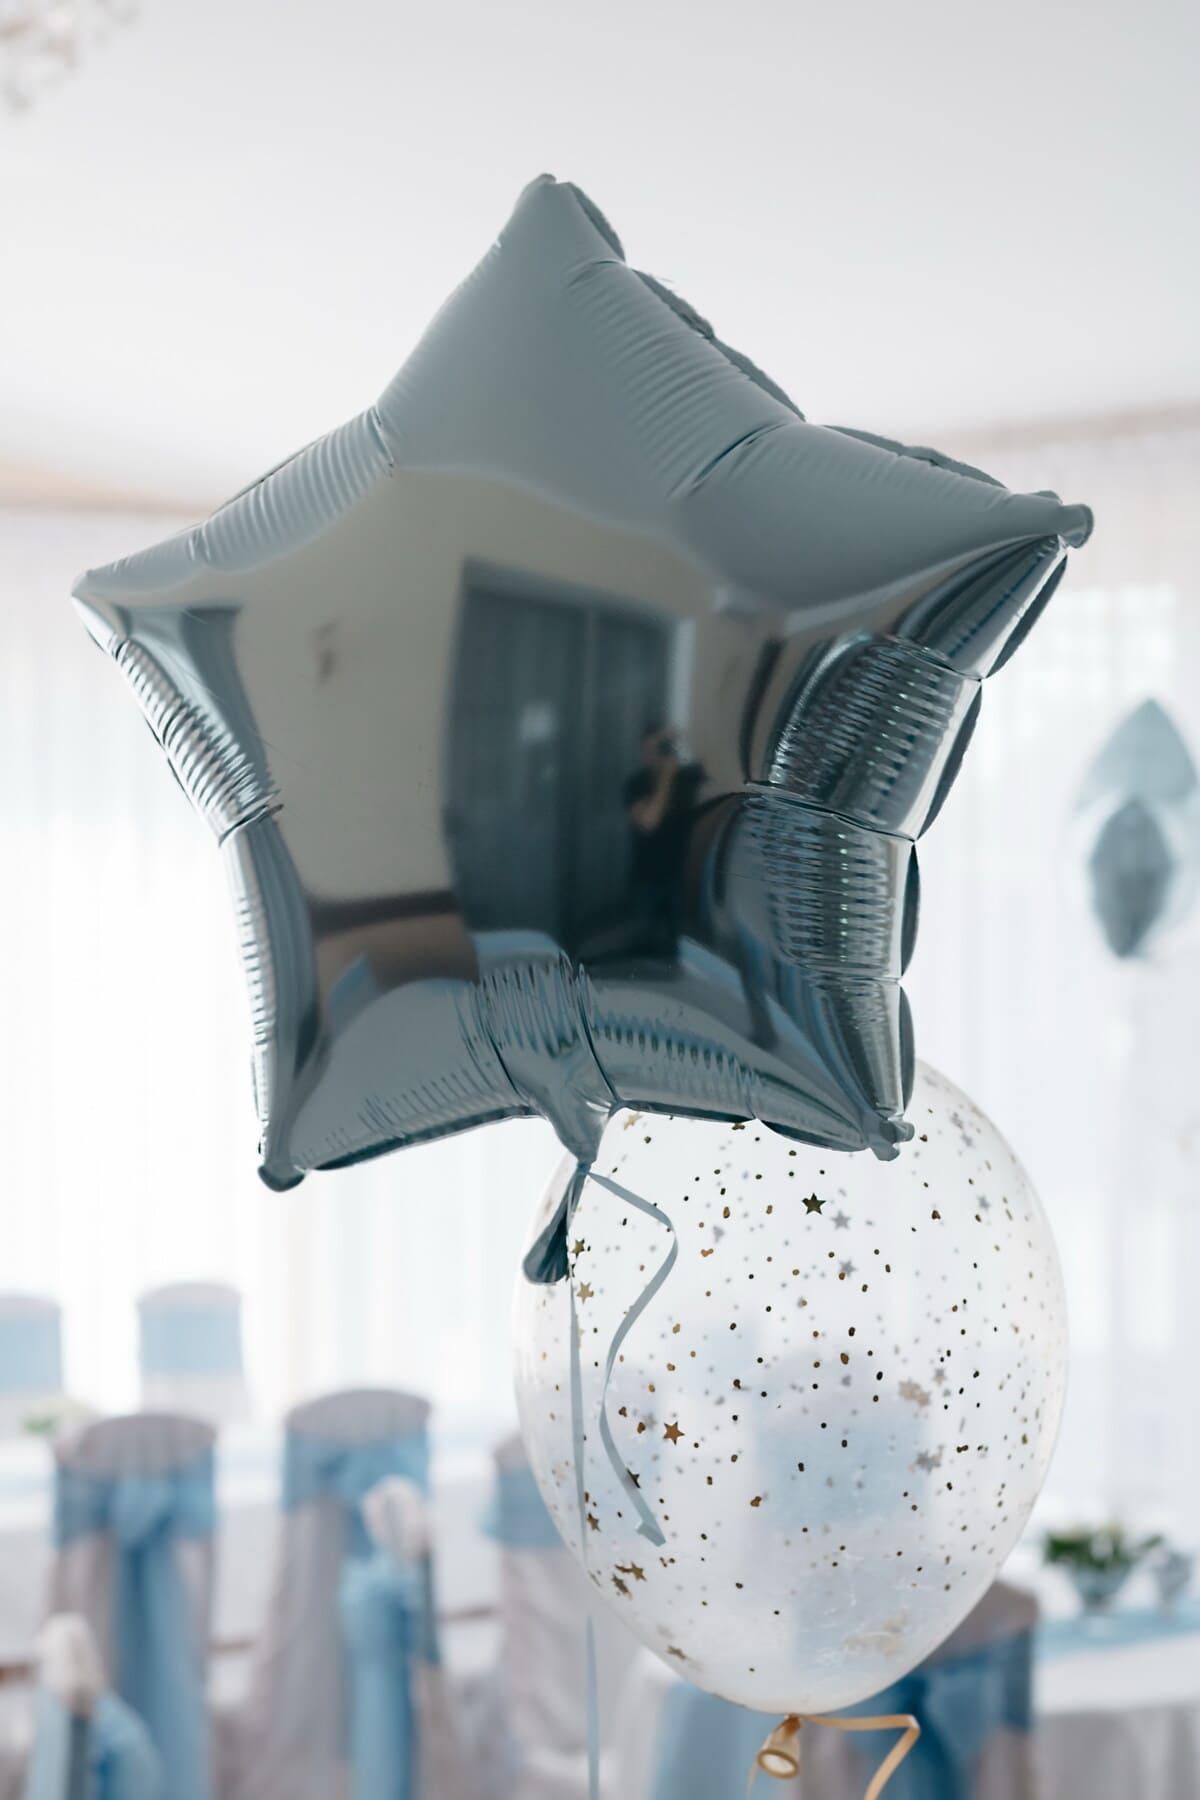 Partei, Geburtstag, Helium, Ballon, glänzend, Sterne, drinnen, Feier, Dekoration, dekorative